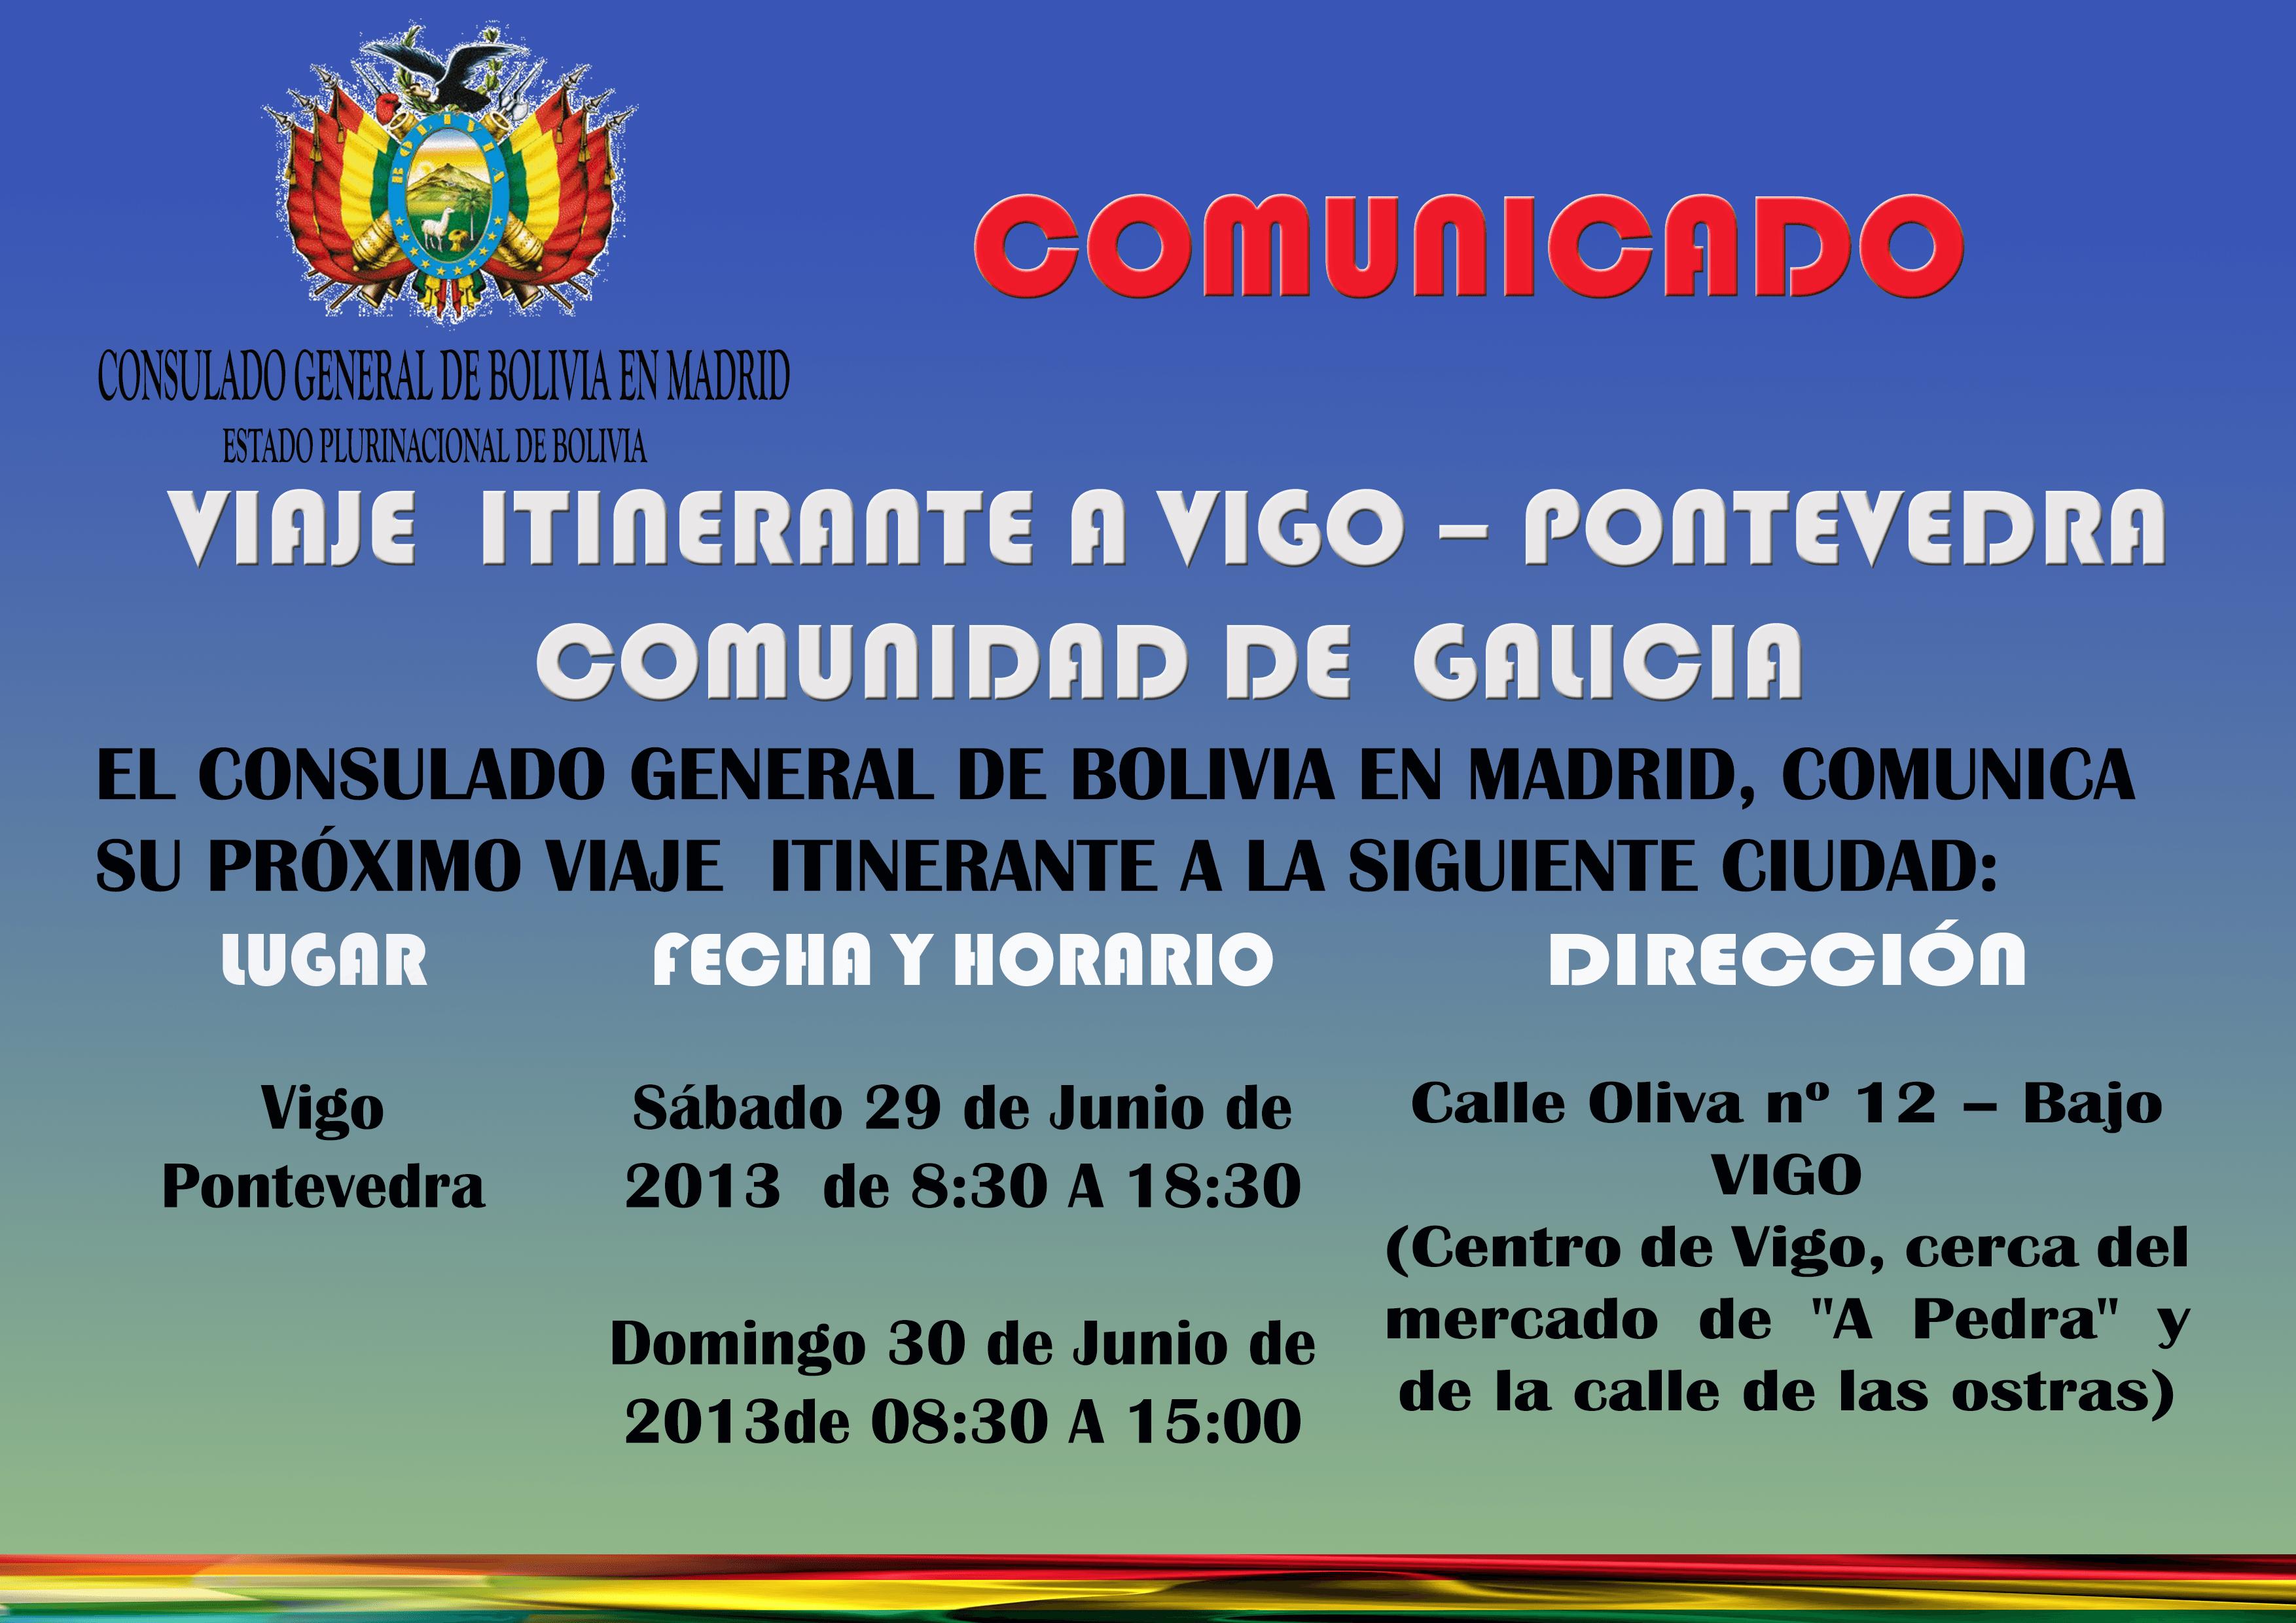 Viaje itinerante consulado bolivia a vigo galicia blog for Oficina de extranjeria madrid aluche